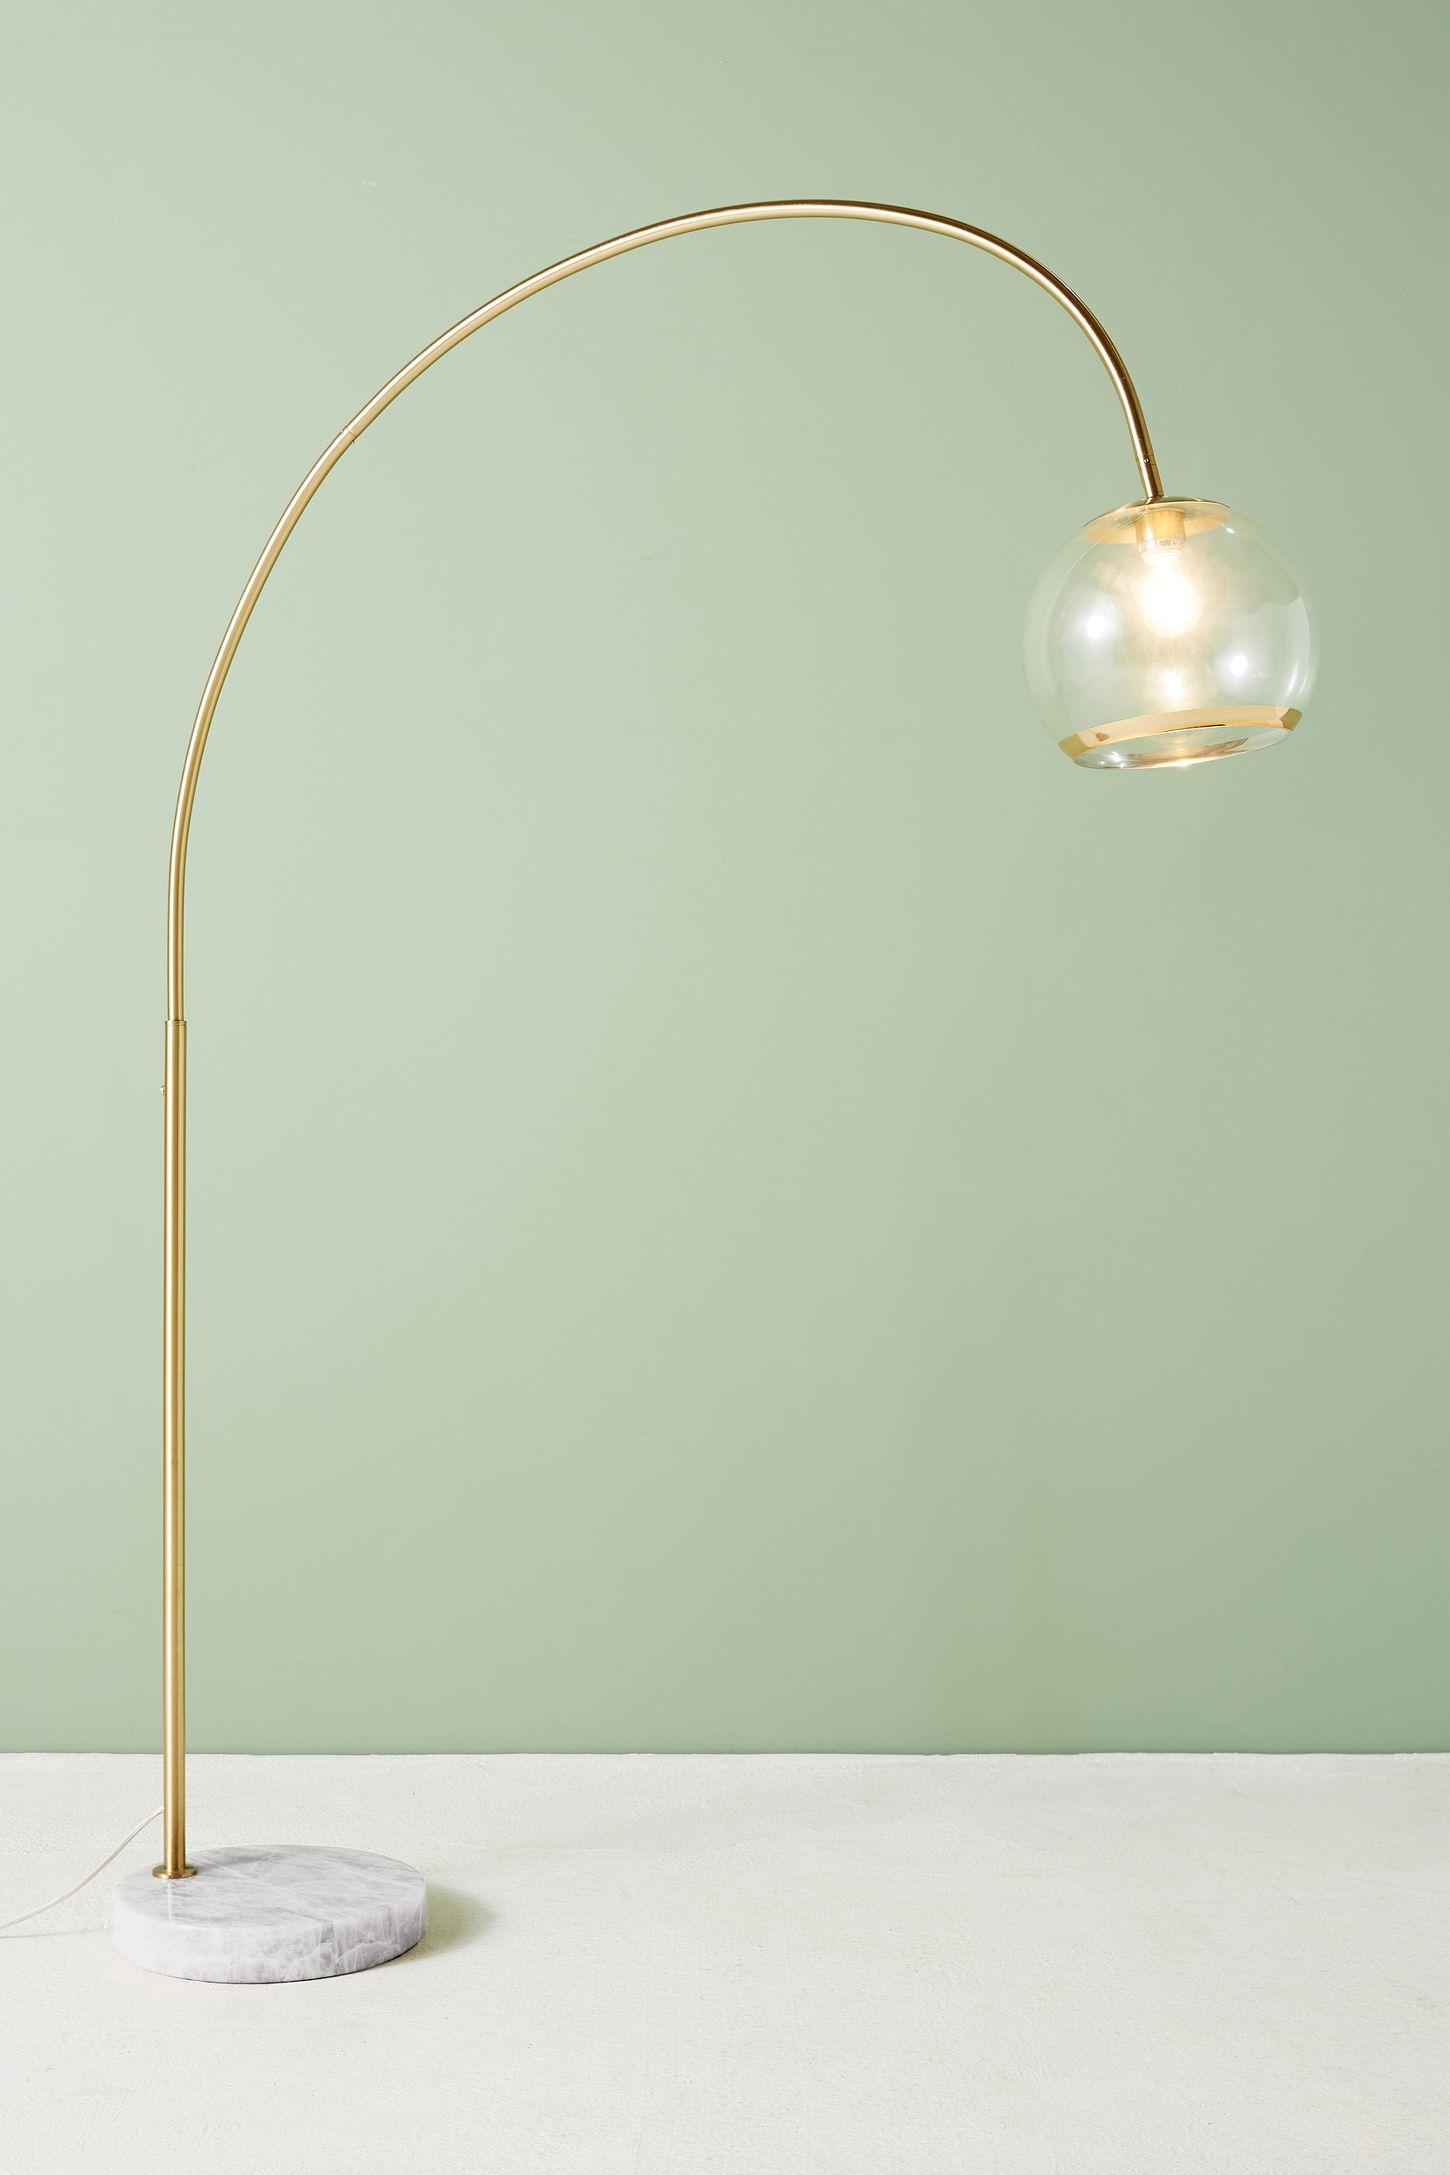 Design Unique Floor Lamps unique floor lamps more than 500 anthropologie arched glass lamp